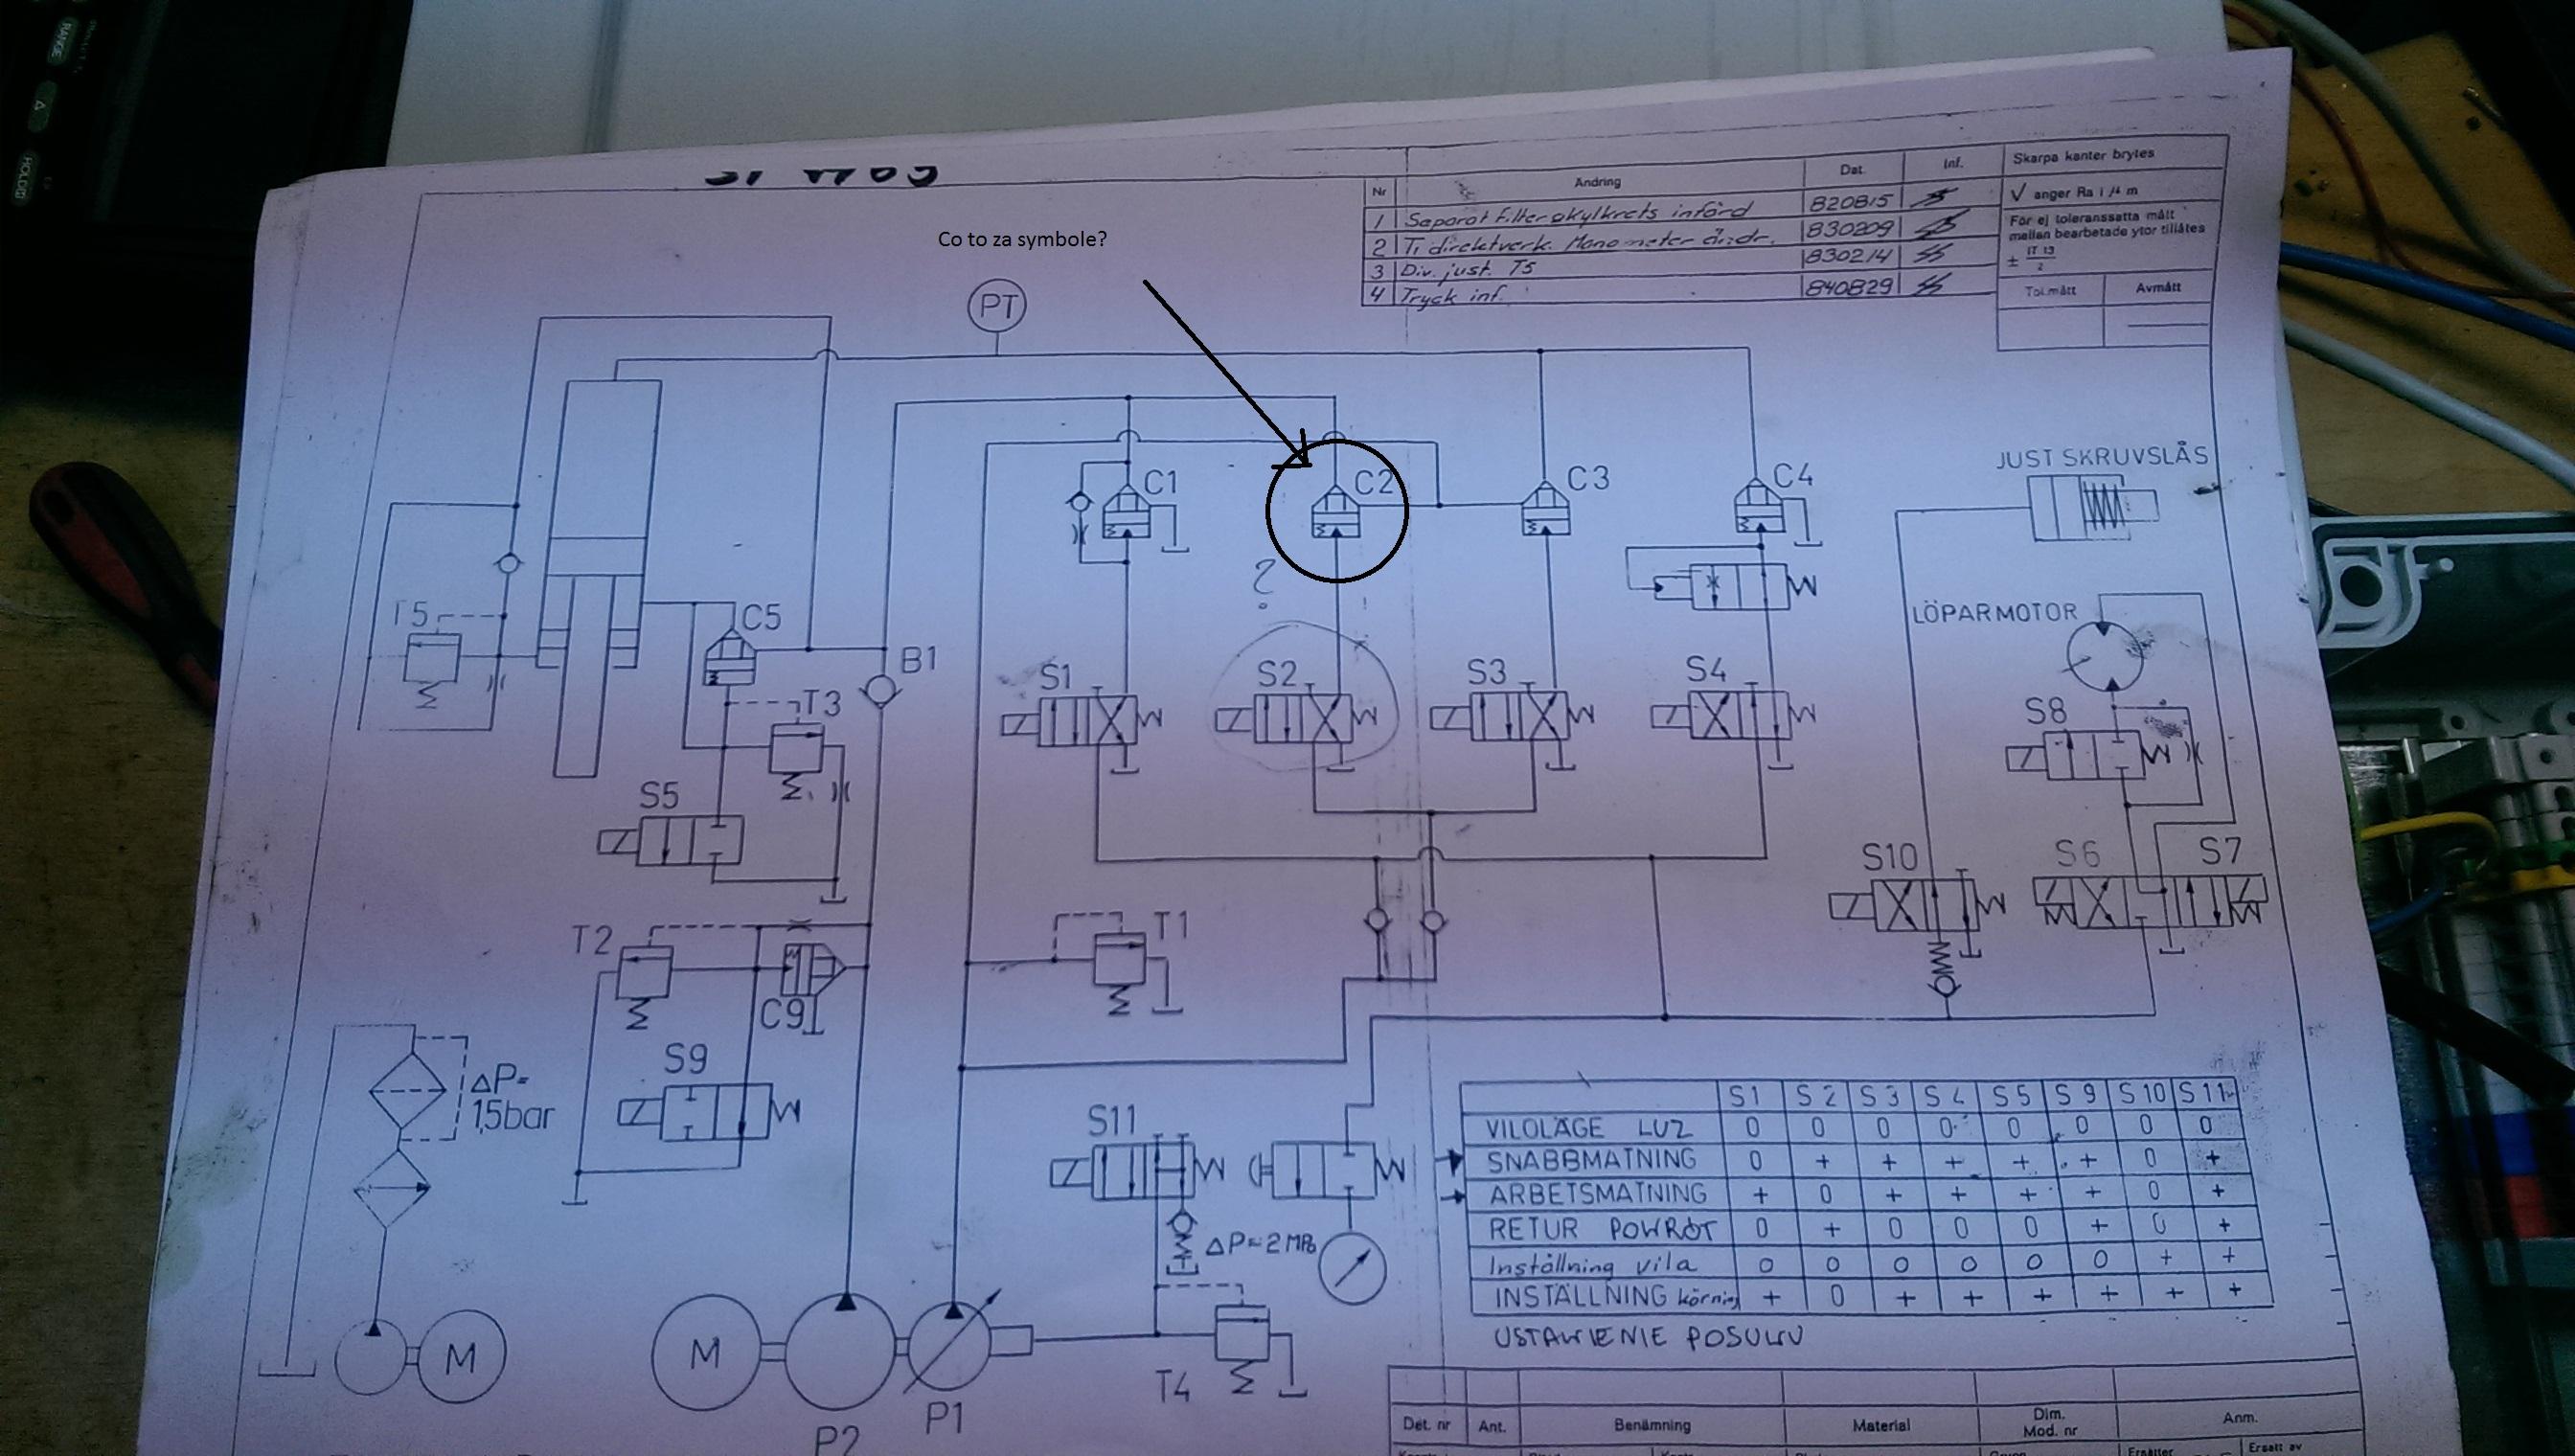 Schemat hydrauliczny - Co to za symbol?